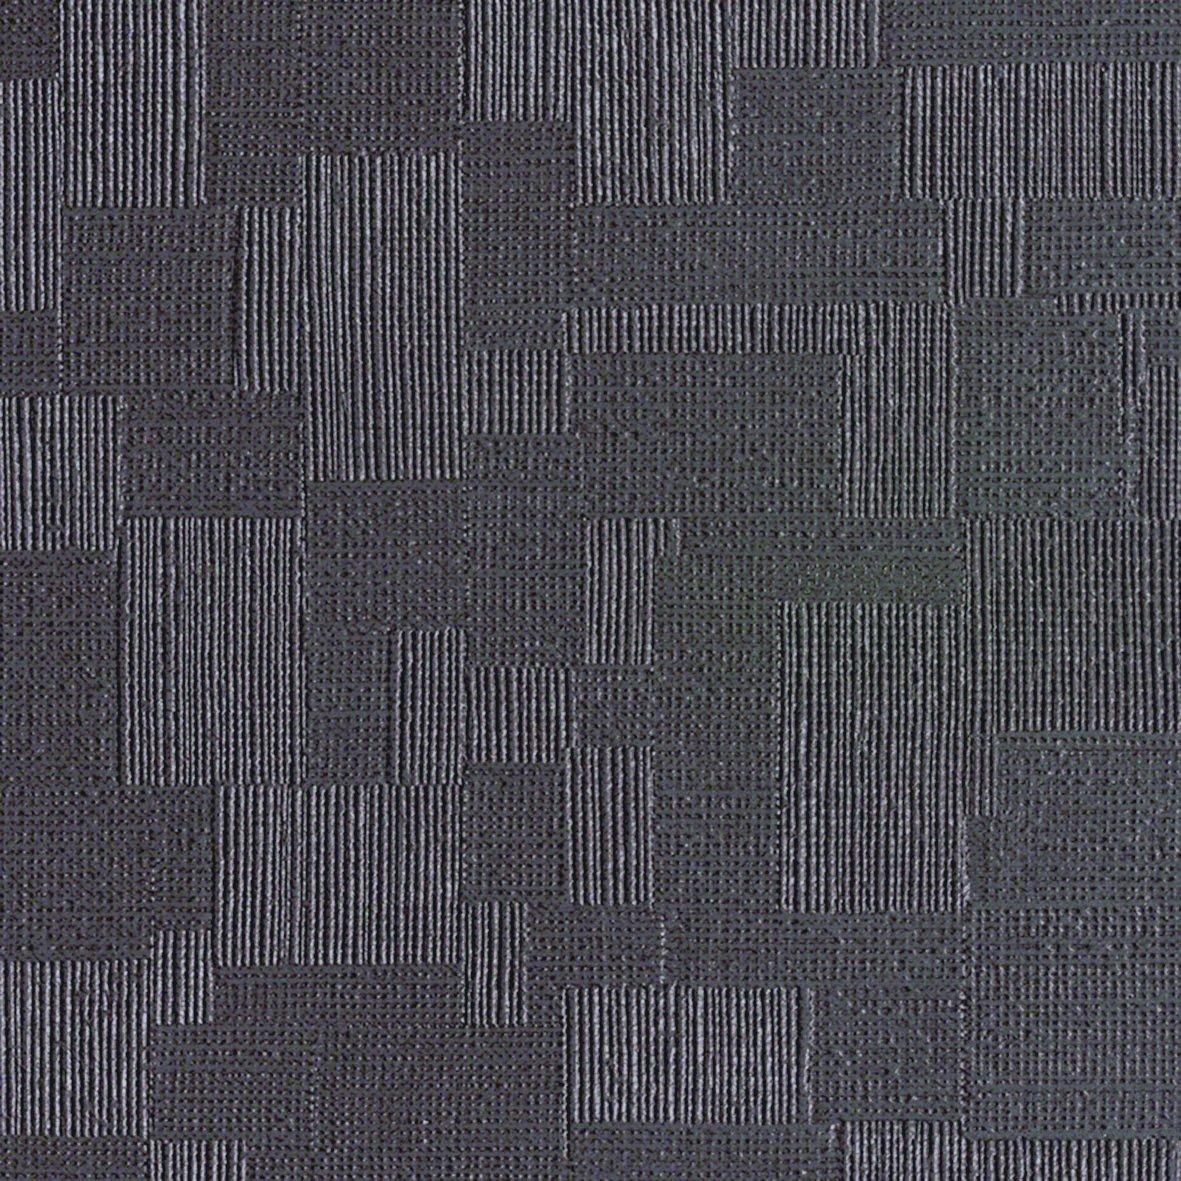 リリカラ 壁紙26m モダン 幾何学 グレー LL-8907 B01N3WAWNL 26m|グレー2